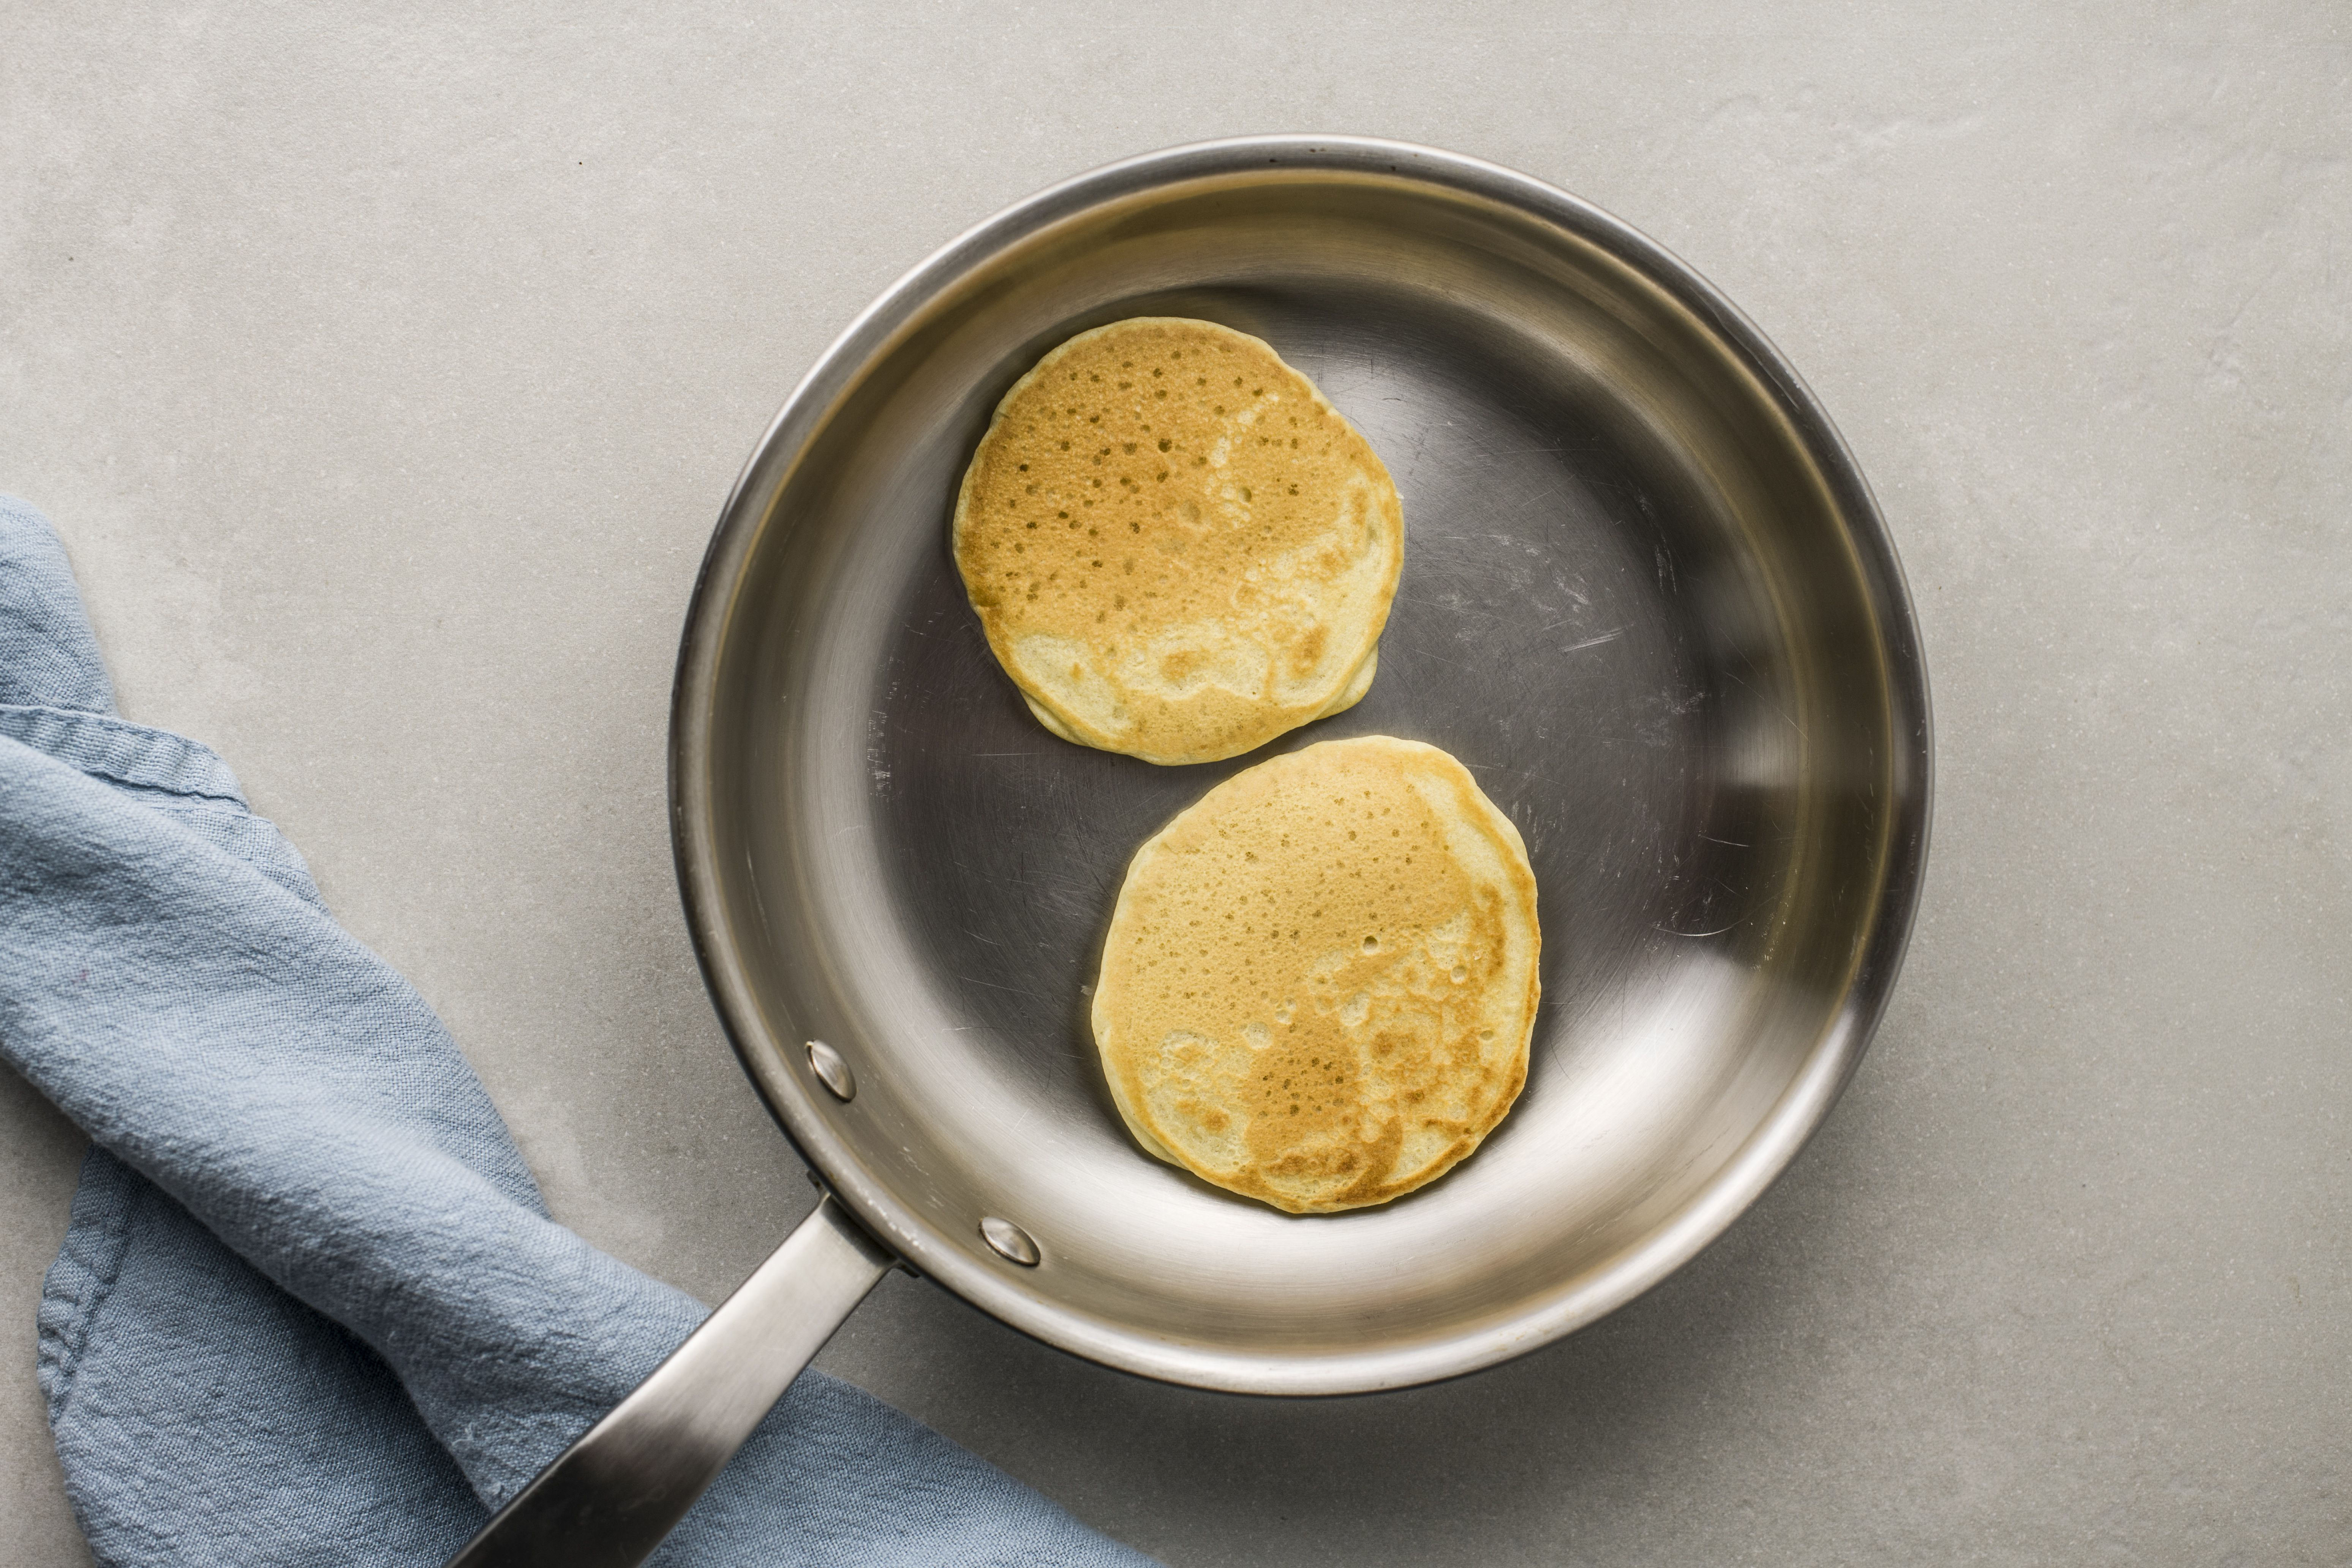 Flip pancake